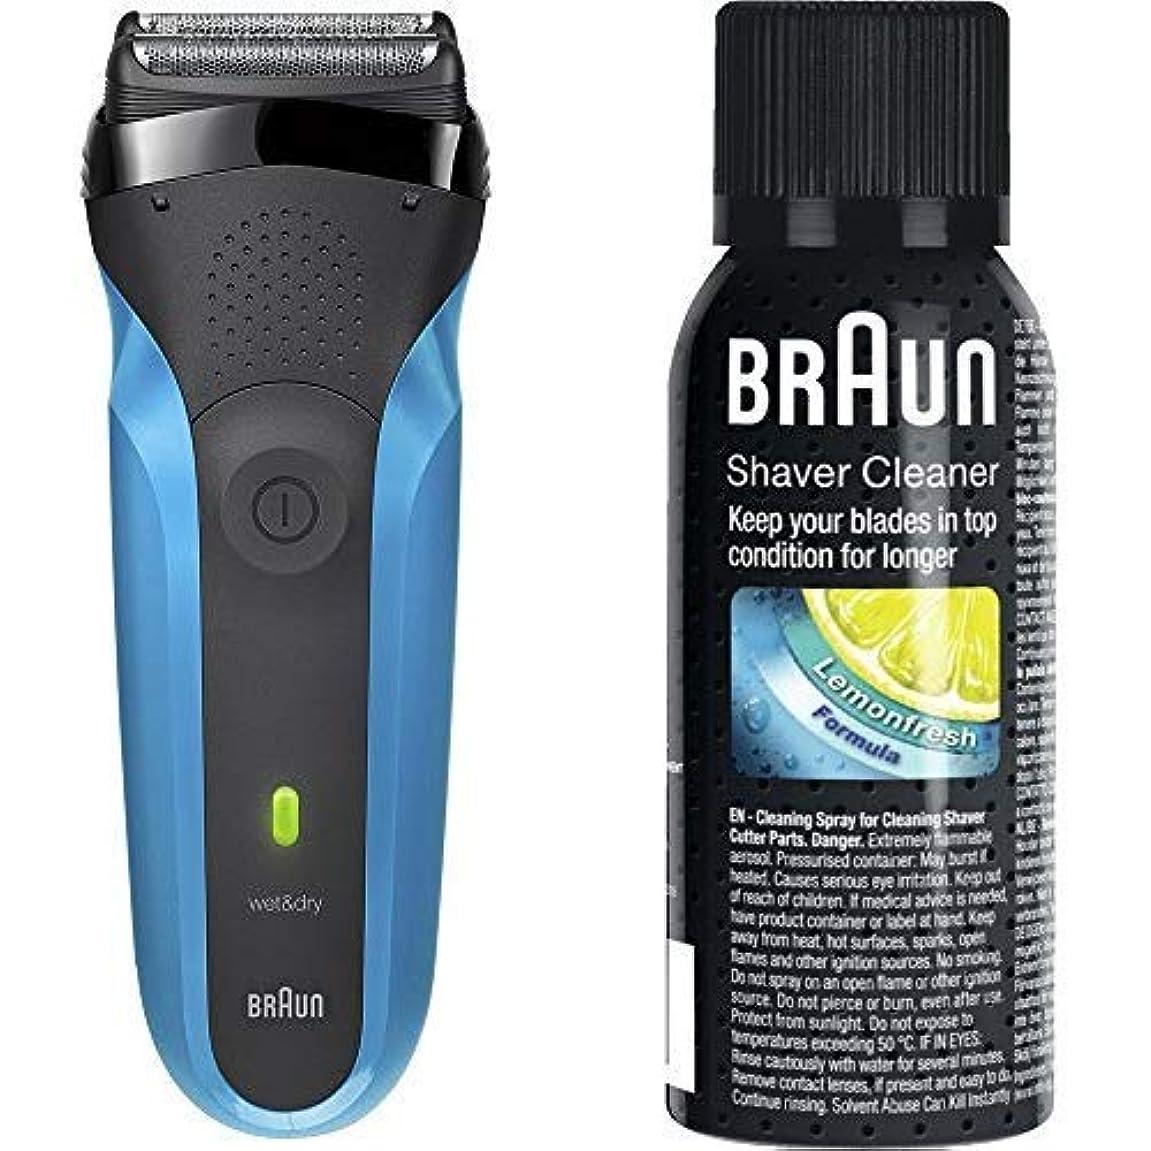 禁止ジェーンオースティン永続ブラウン メンズ電気シェーバー シリーズ3 310s 3枚刃 水洗い/お風呂剃り可 & シェーバークリーナー SC8000 SC8000